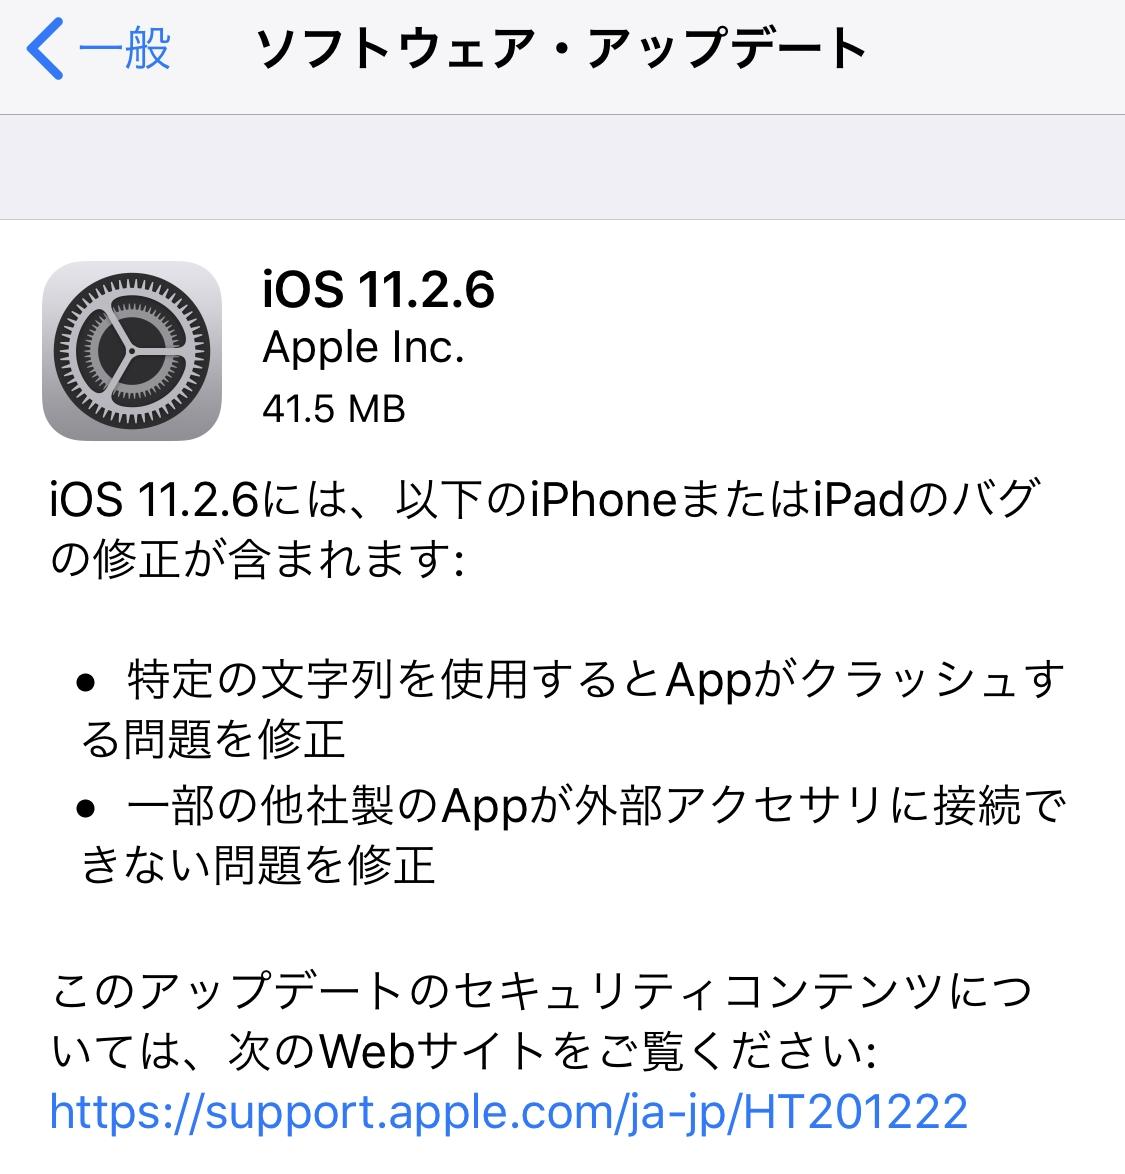 iOS11.2.6の不具合・評判は?特定の文字列(テルグ語)でAPPクラッシュ【Apple】格安SIMの対応状況もアリ